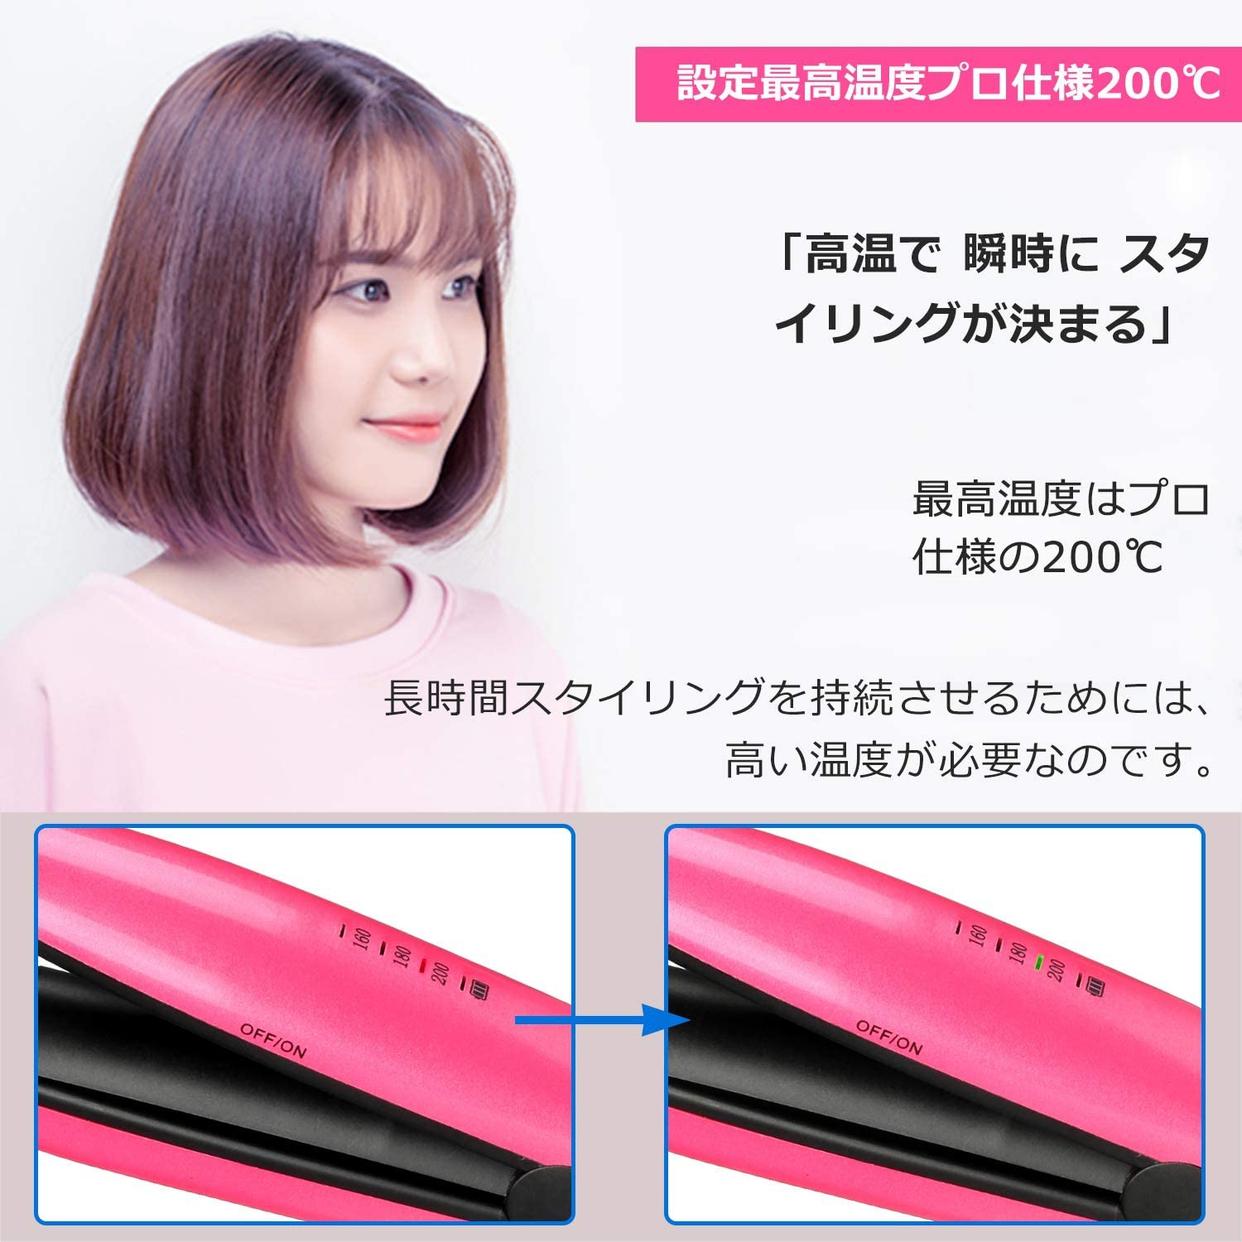 Omasi(オマシ) コードレスヘアアイロンの商品画像3